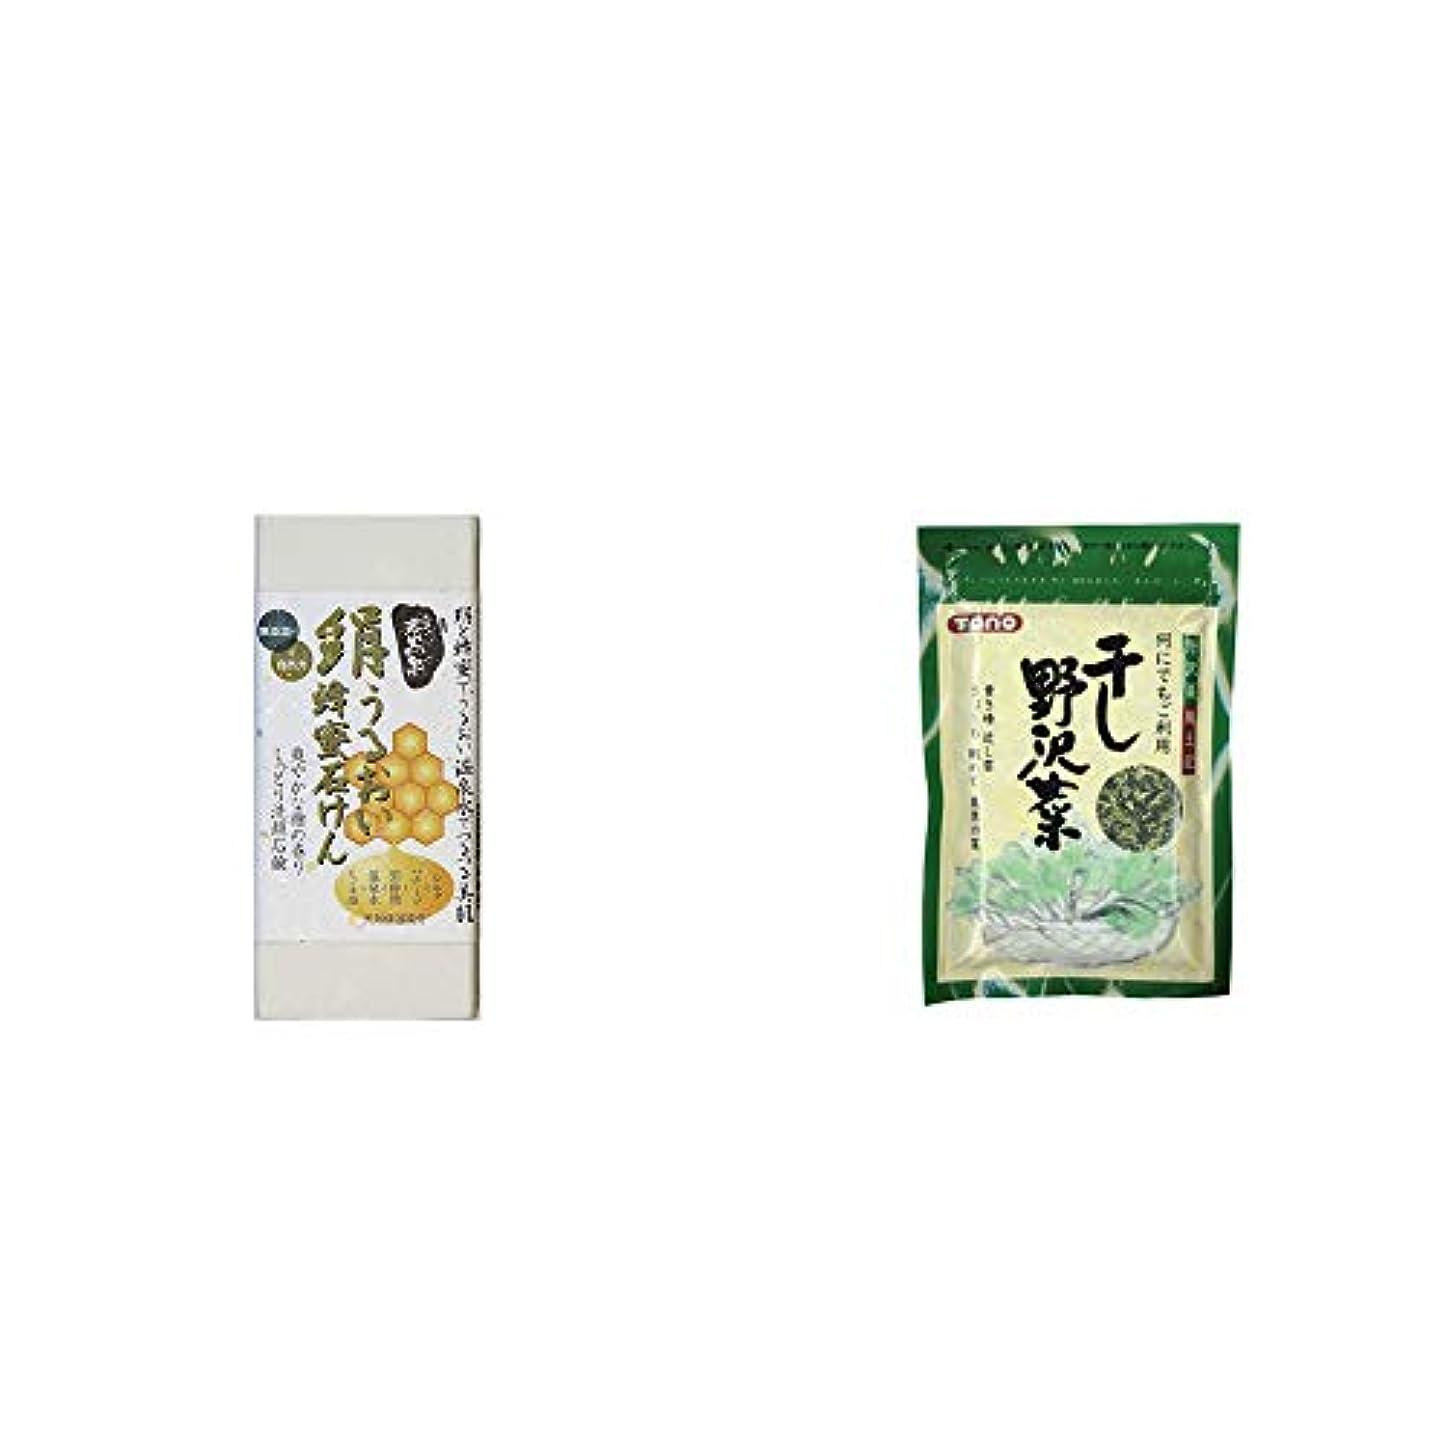 データム特別な方言[2点セット] ひのき炭黒泉 絹うるおい蜂蜜石けん(75g×2)?干し野沢菜(100g)